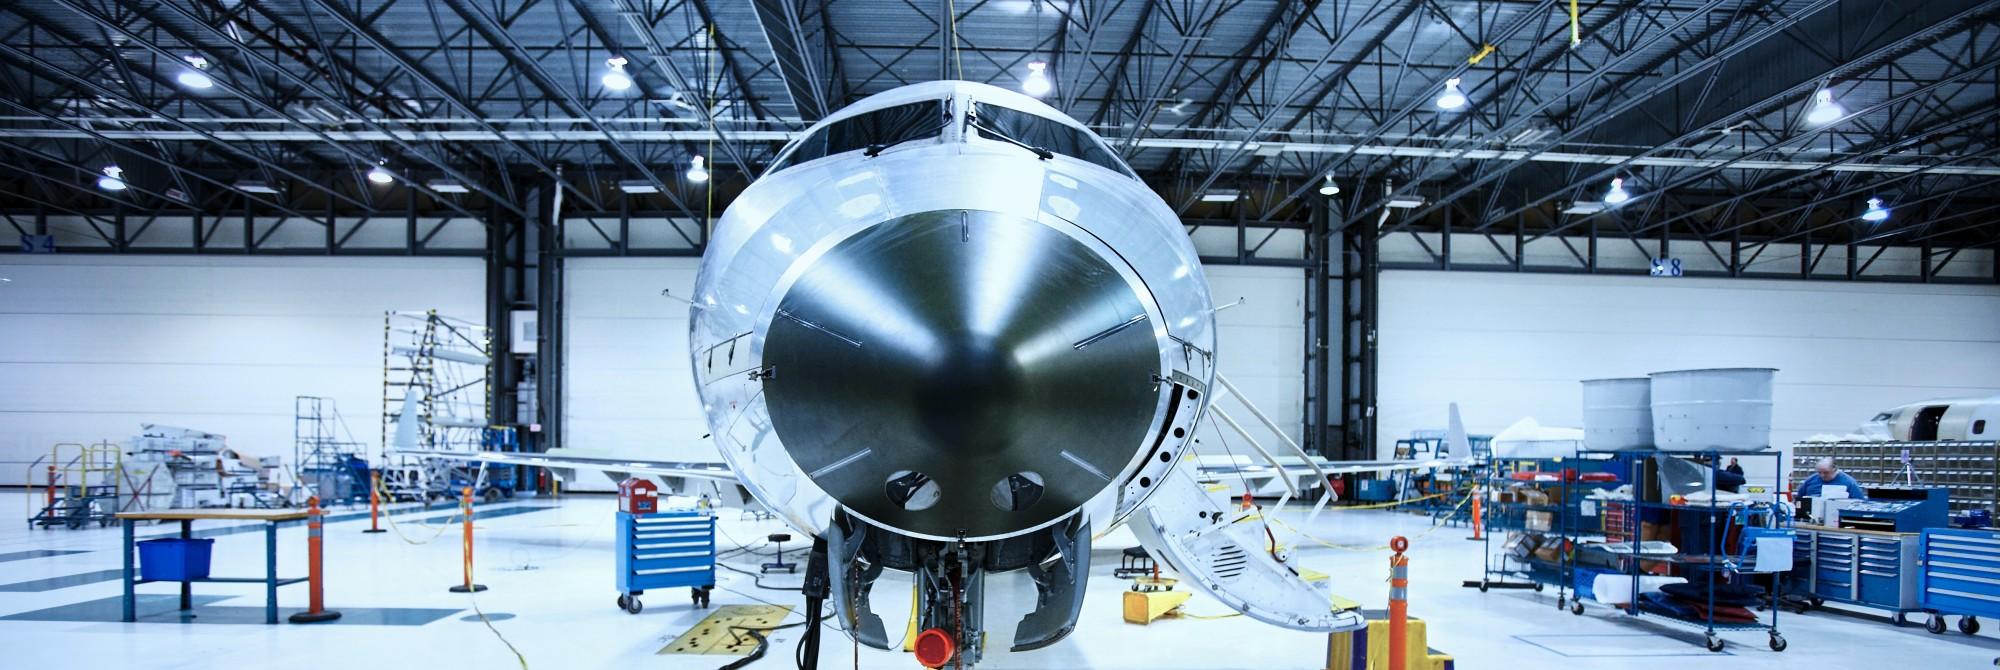 Thyssenkrupp Aerospace Varel